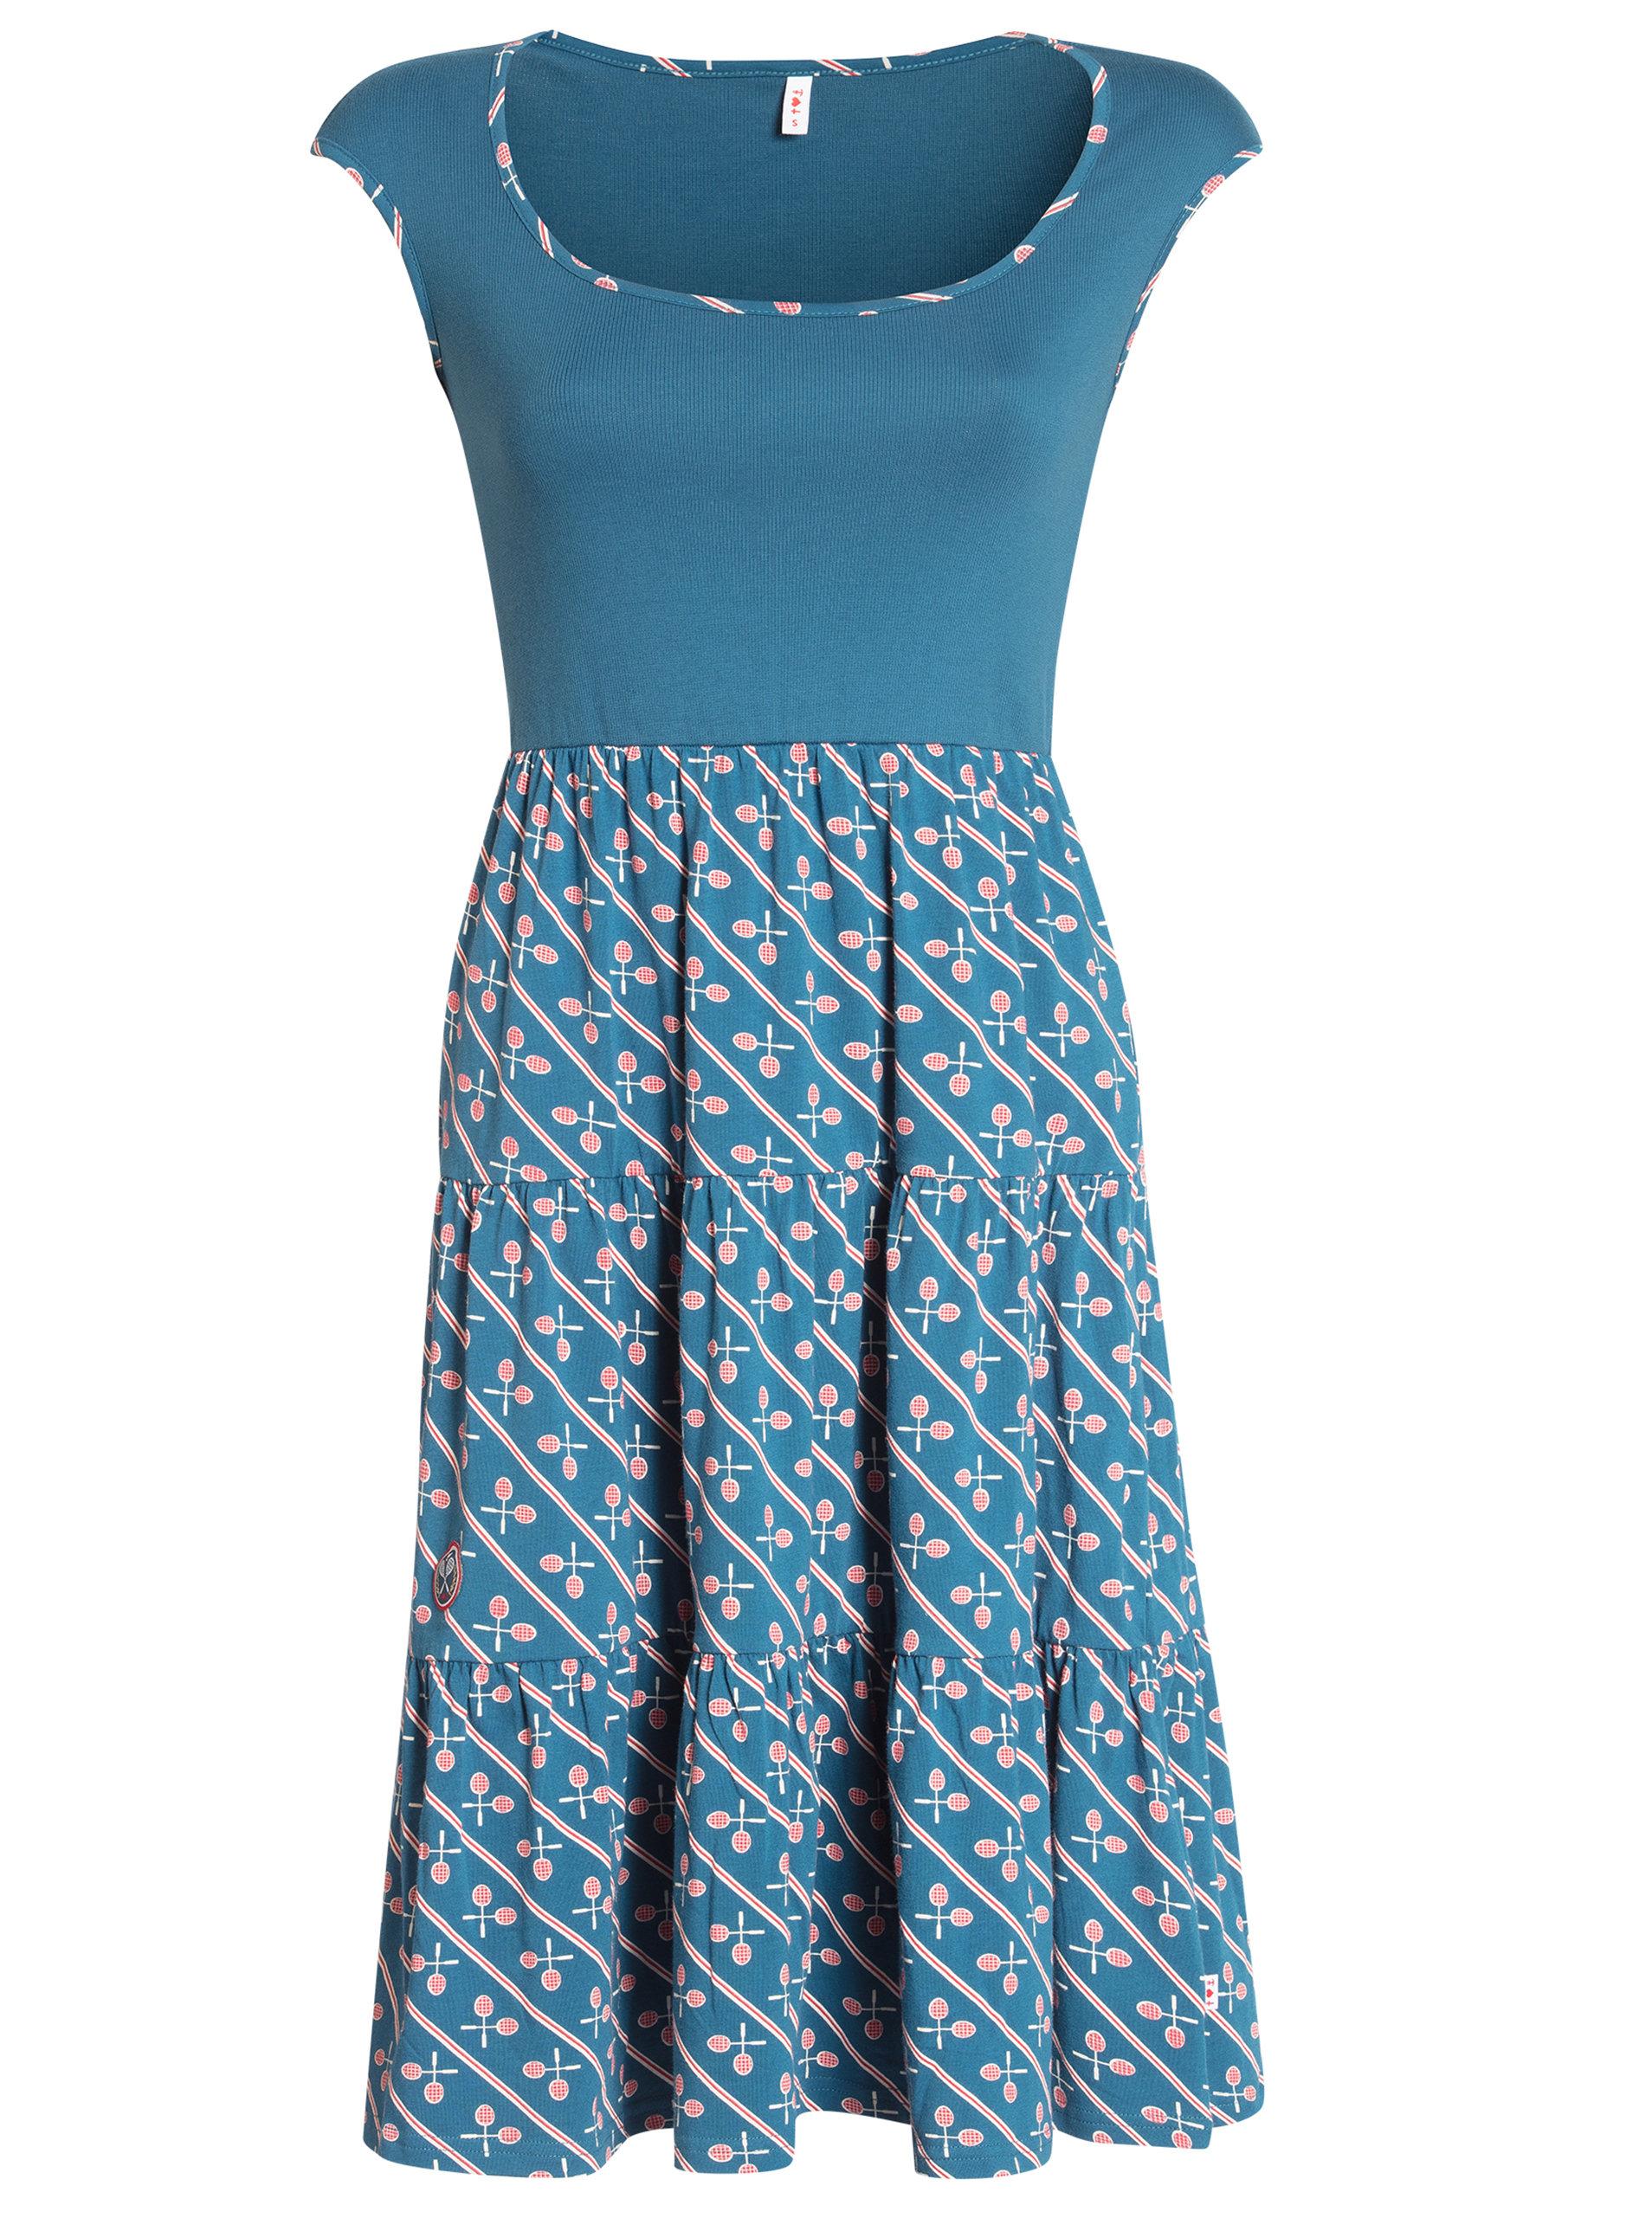 63d31e8db2bb Petrolejové šaty s motivem tenisových raket Blutsgeschwister ...